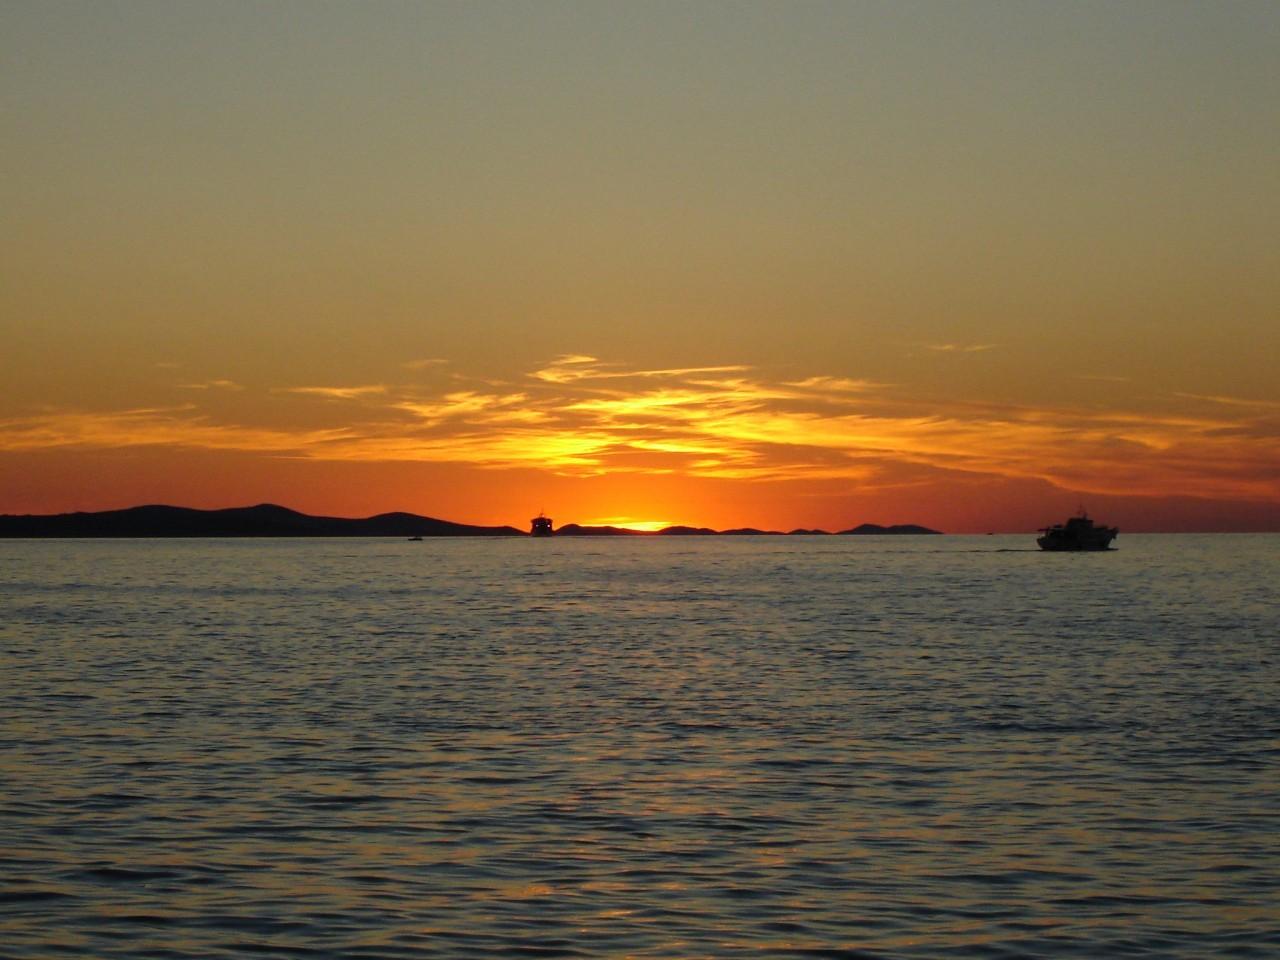 Sunset in Zadar, Croatia